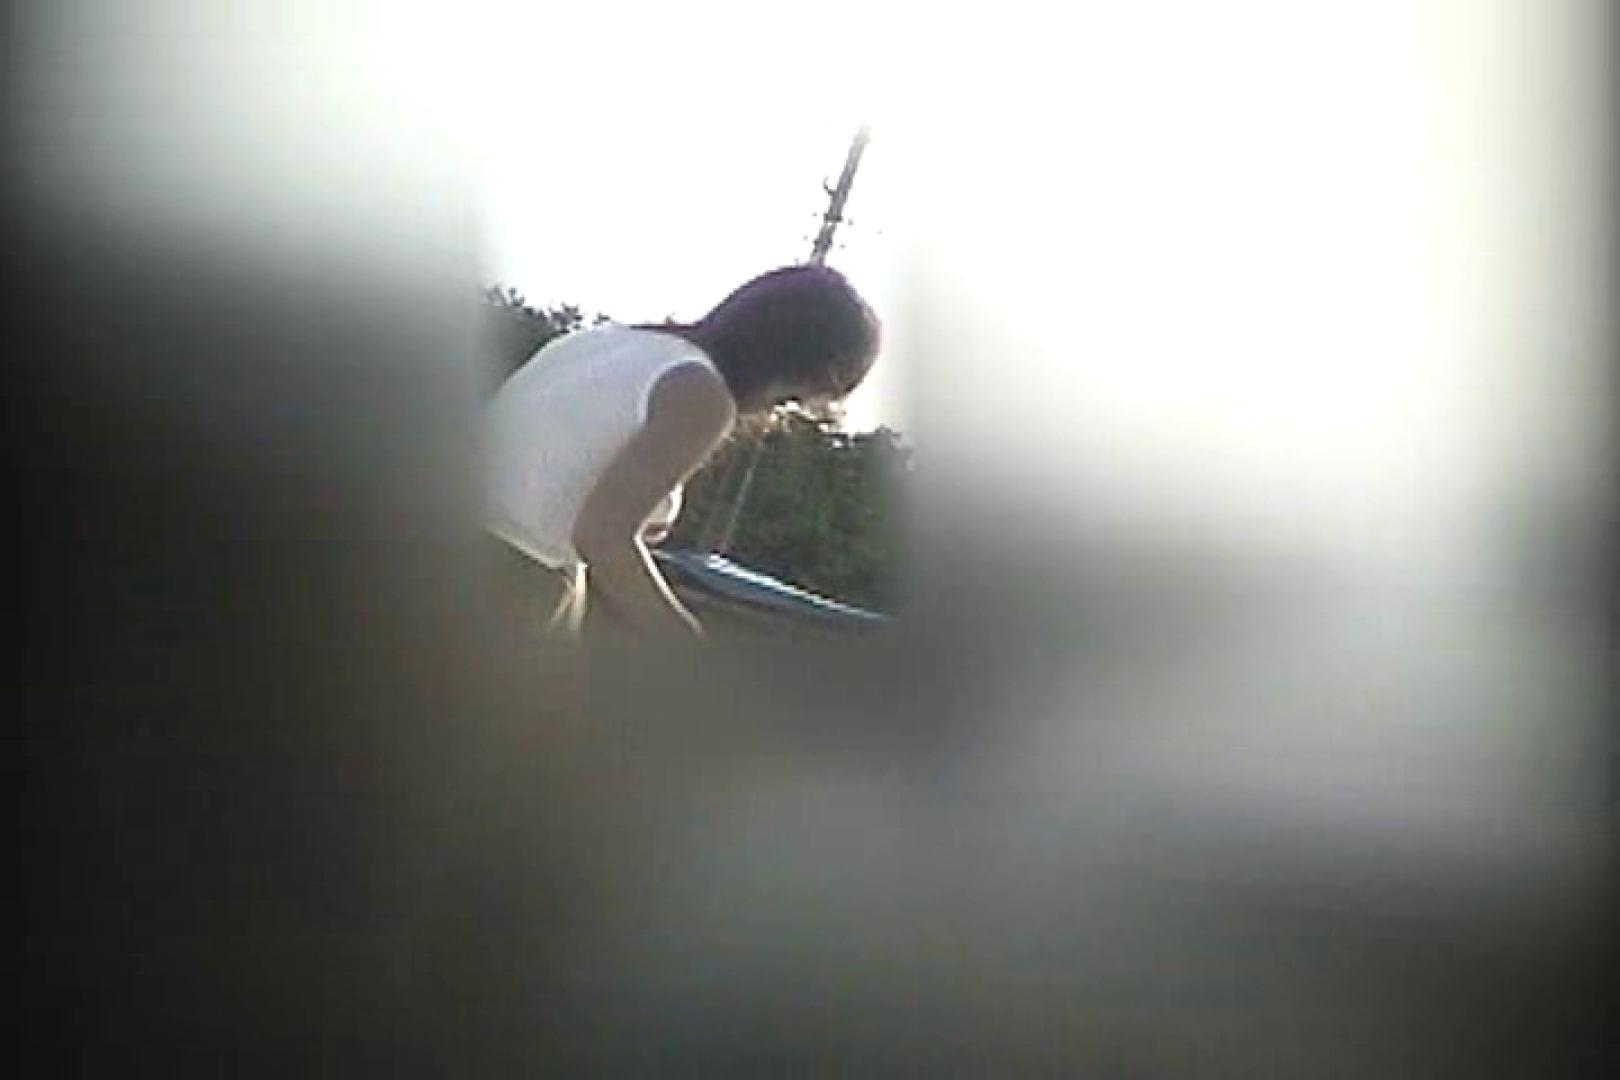 サターンさんのウル技炸裂!!夏乙女★海の家シャワー室絵巻 Vol.01 シャワー  92PIX 81